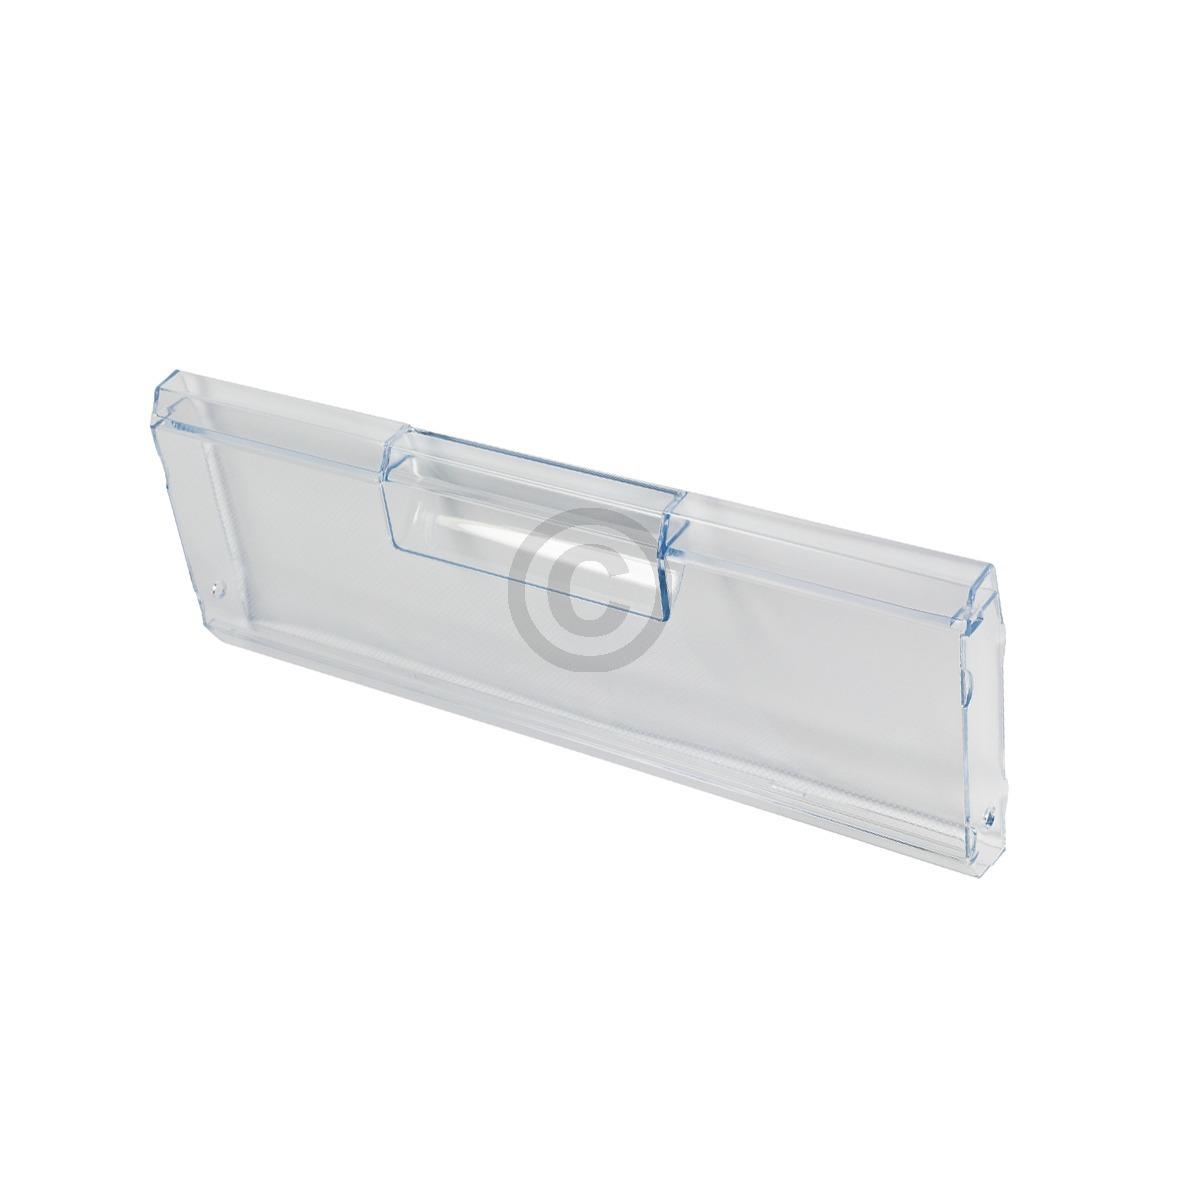 Schubladenblende Bosch 00669443 460x170mm für Gefriergutbehälter mitte